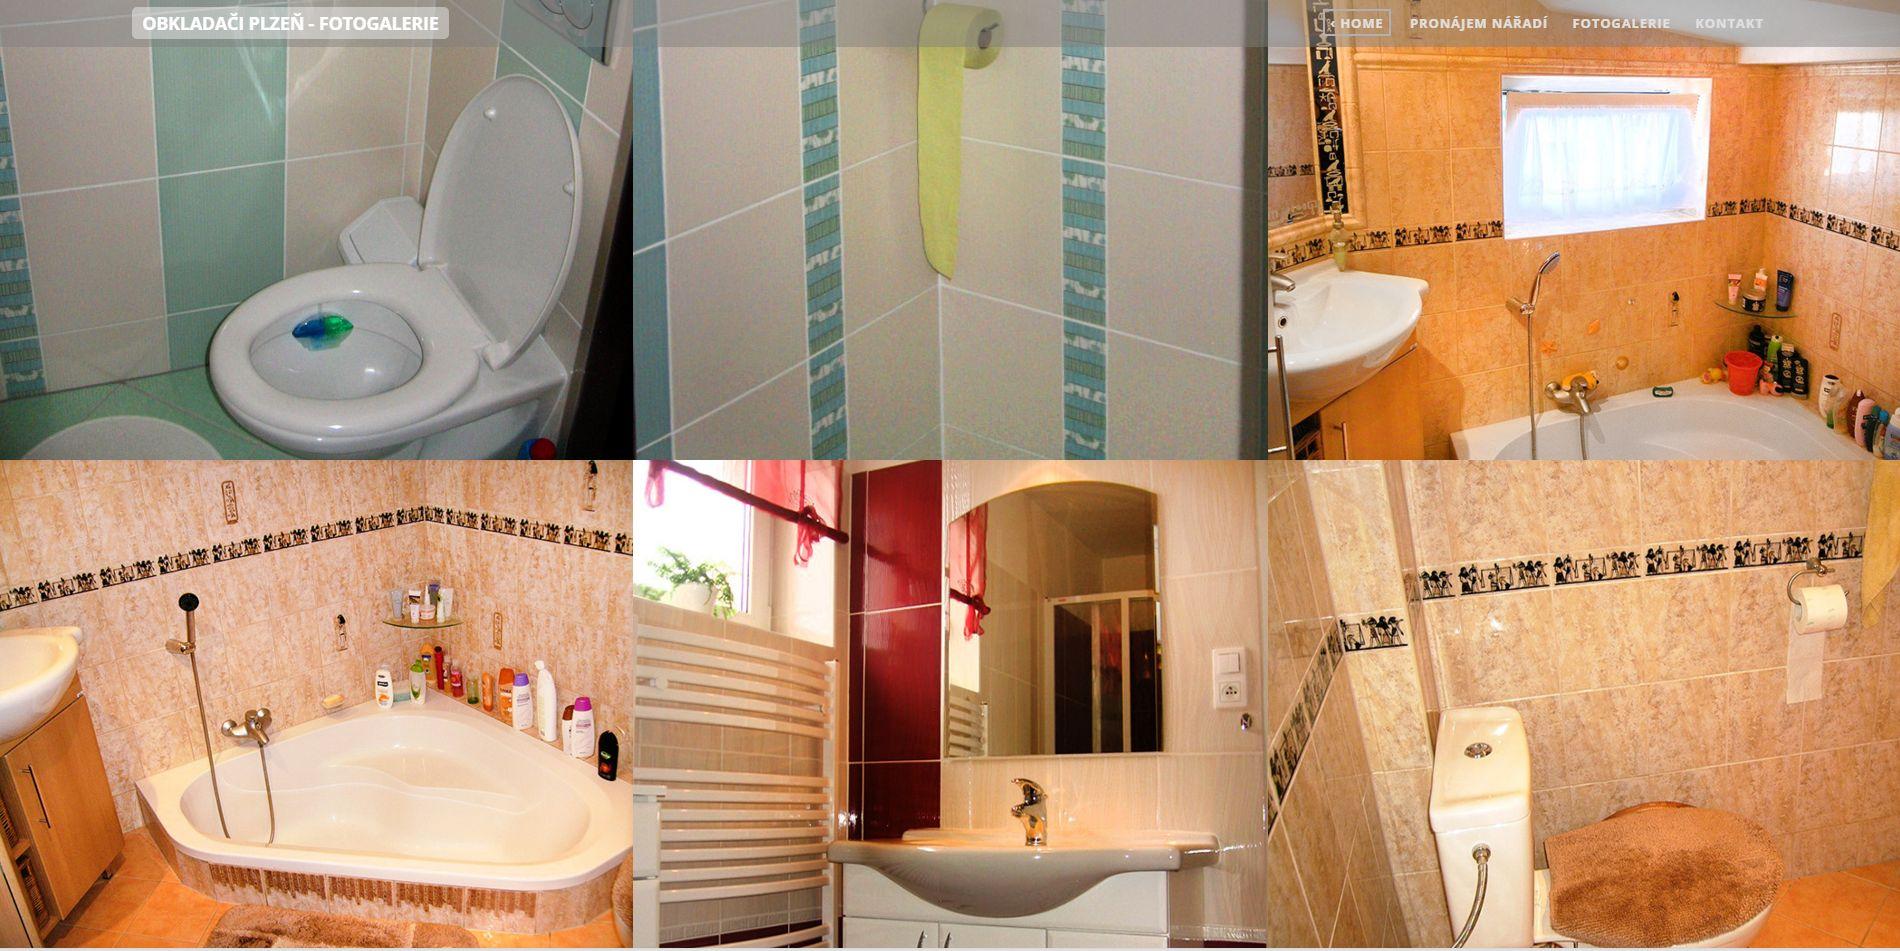 rekonstrukce koupelny - provedené obkladačské práce nejen v Plzni